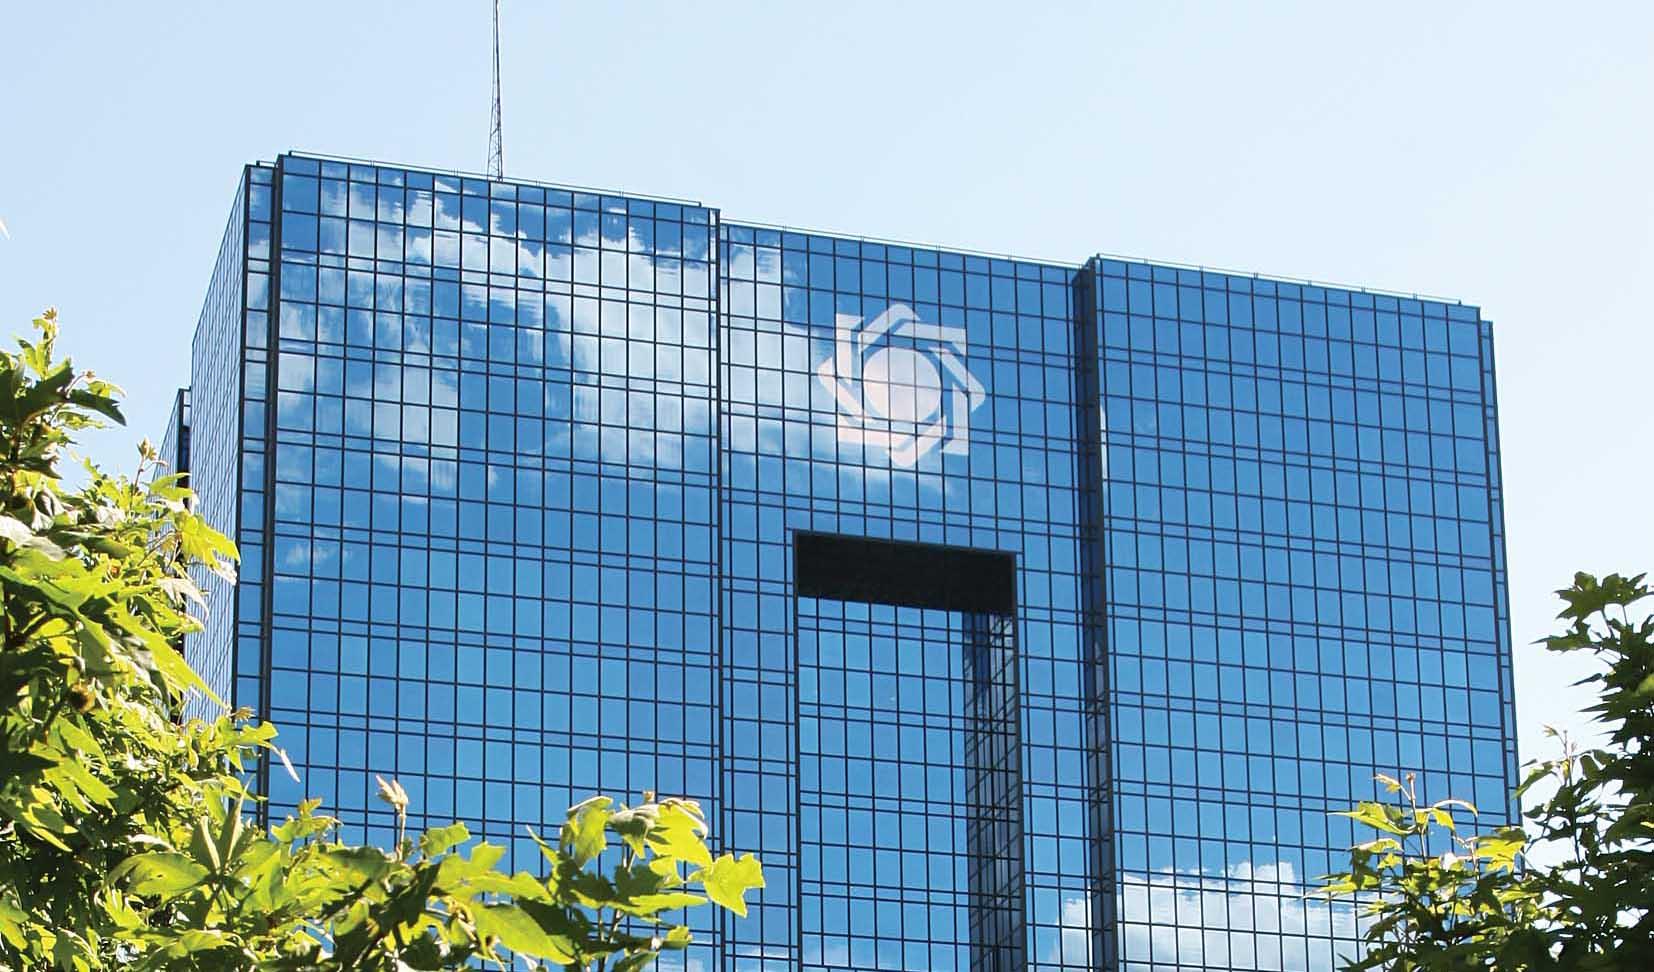 بانک مرکزی: سوئیفت نقشی در نگهداری حساب ها و تسویه ارزی ندارد